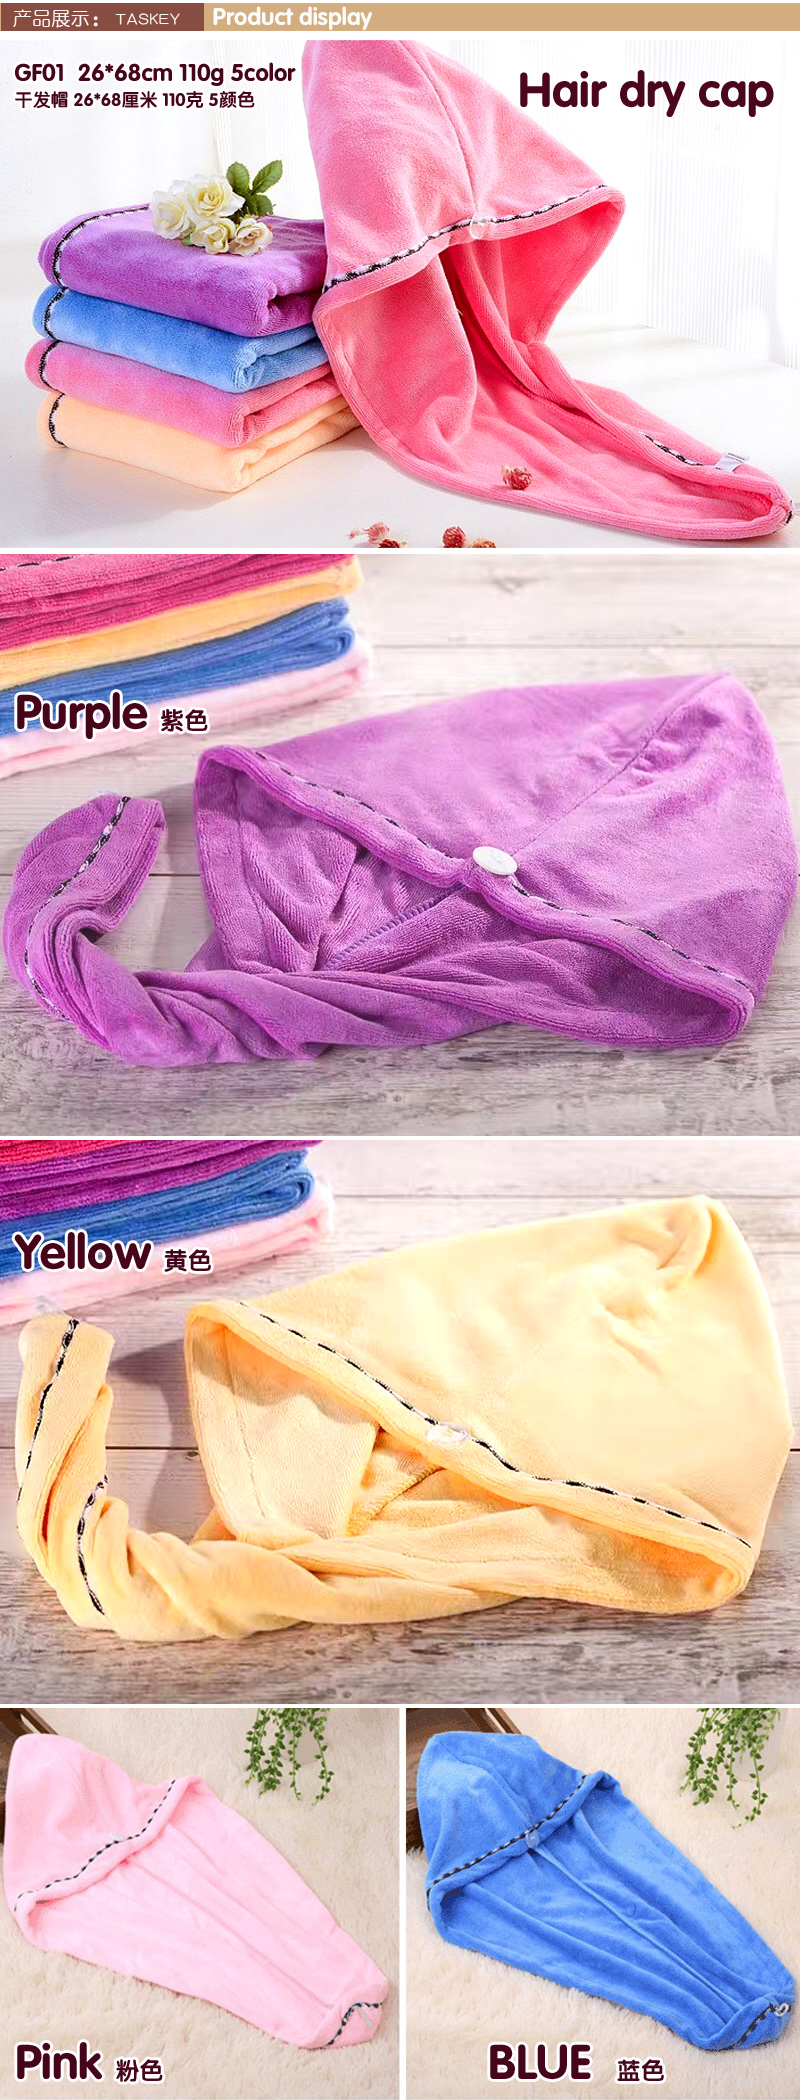 Rõõmsates värvides juuste kuivatamise rätikud